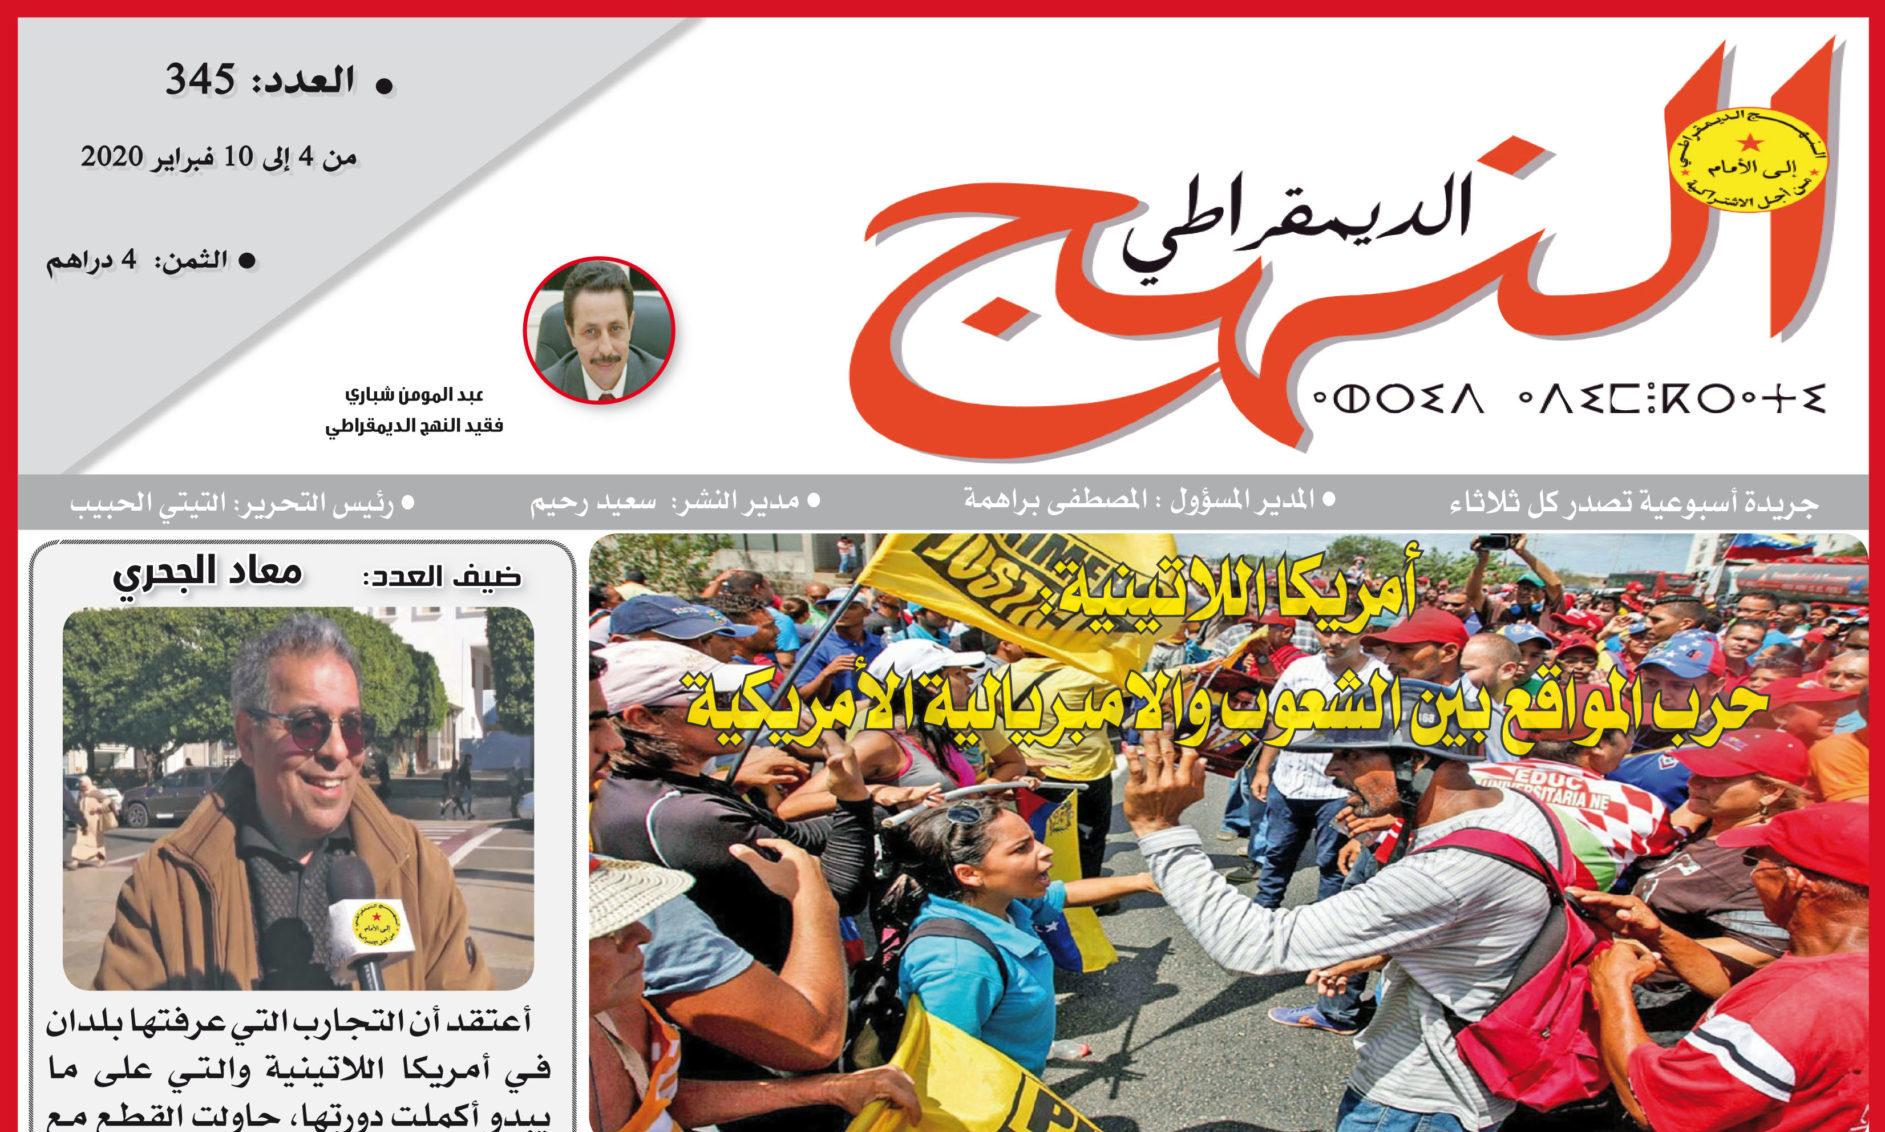 العدد الجديد 345 من جريدة النهج الديمقراطي بالأكشاك